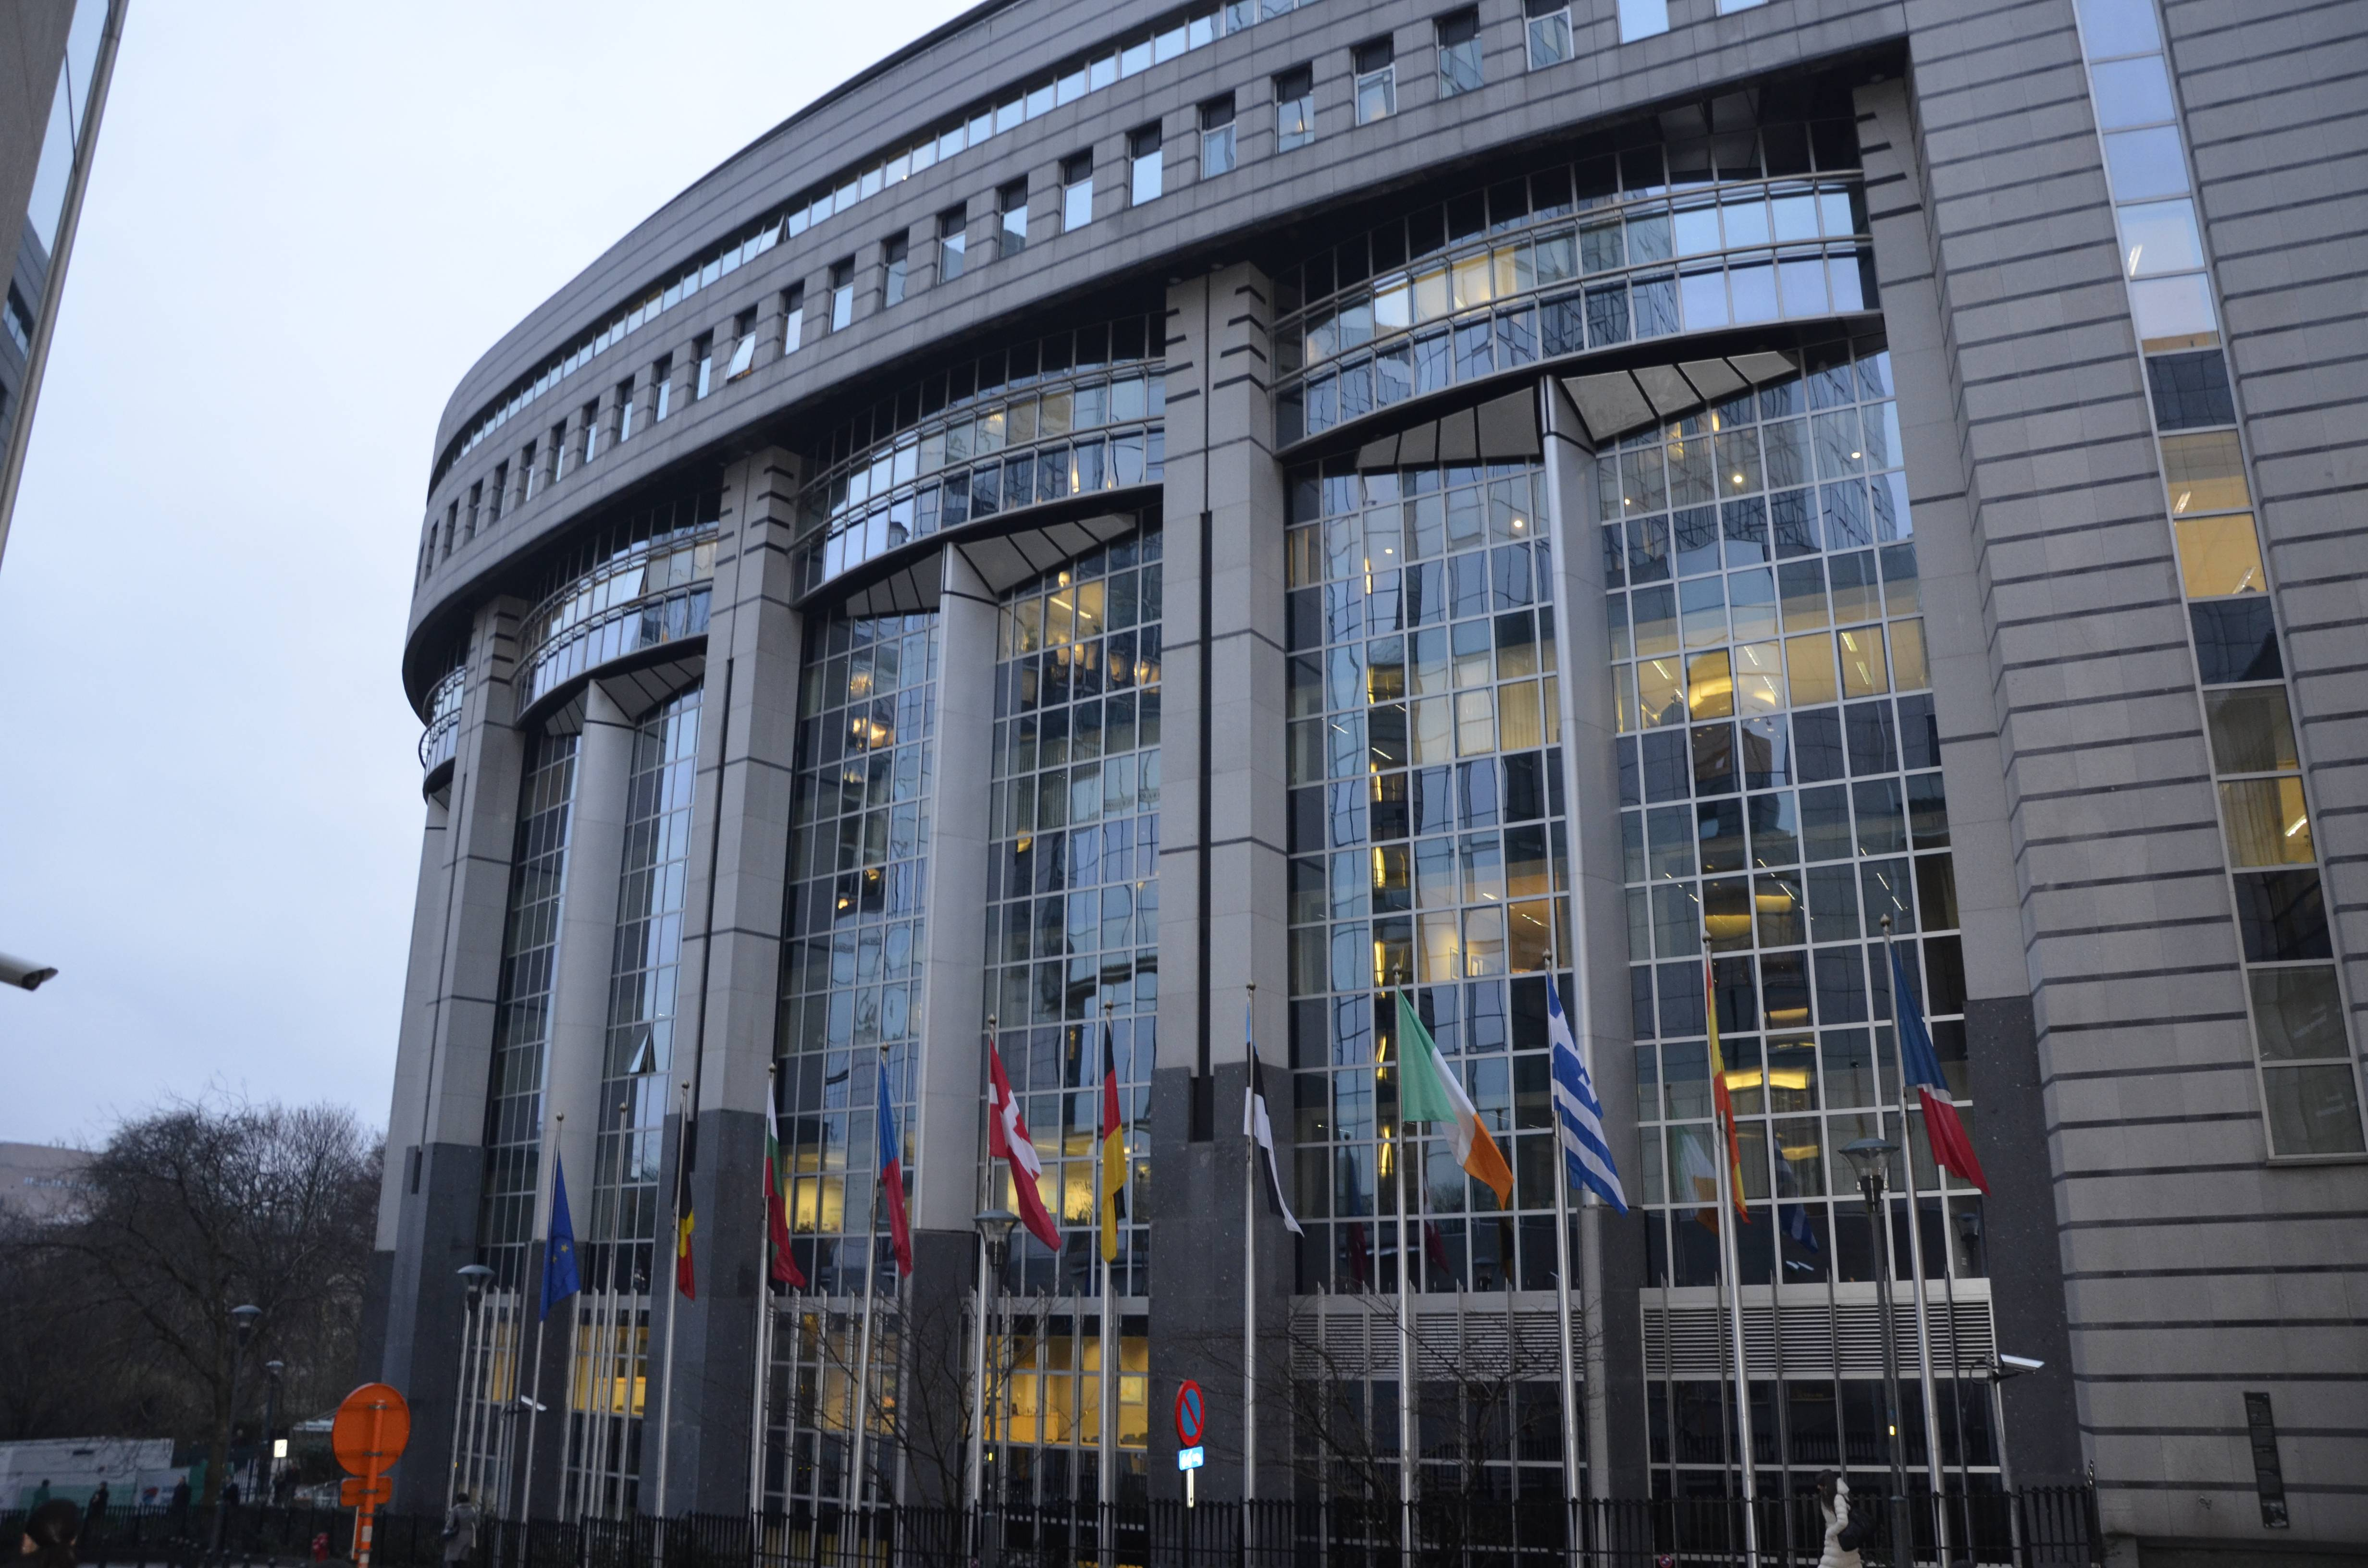 Photo 2: Visiter le Parlement européen